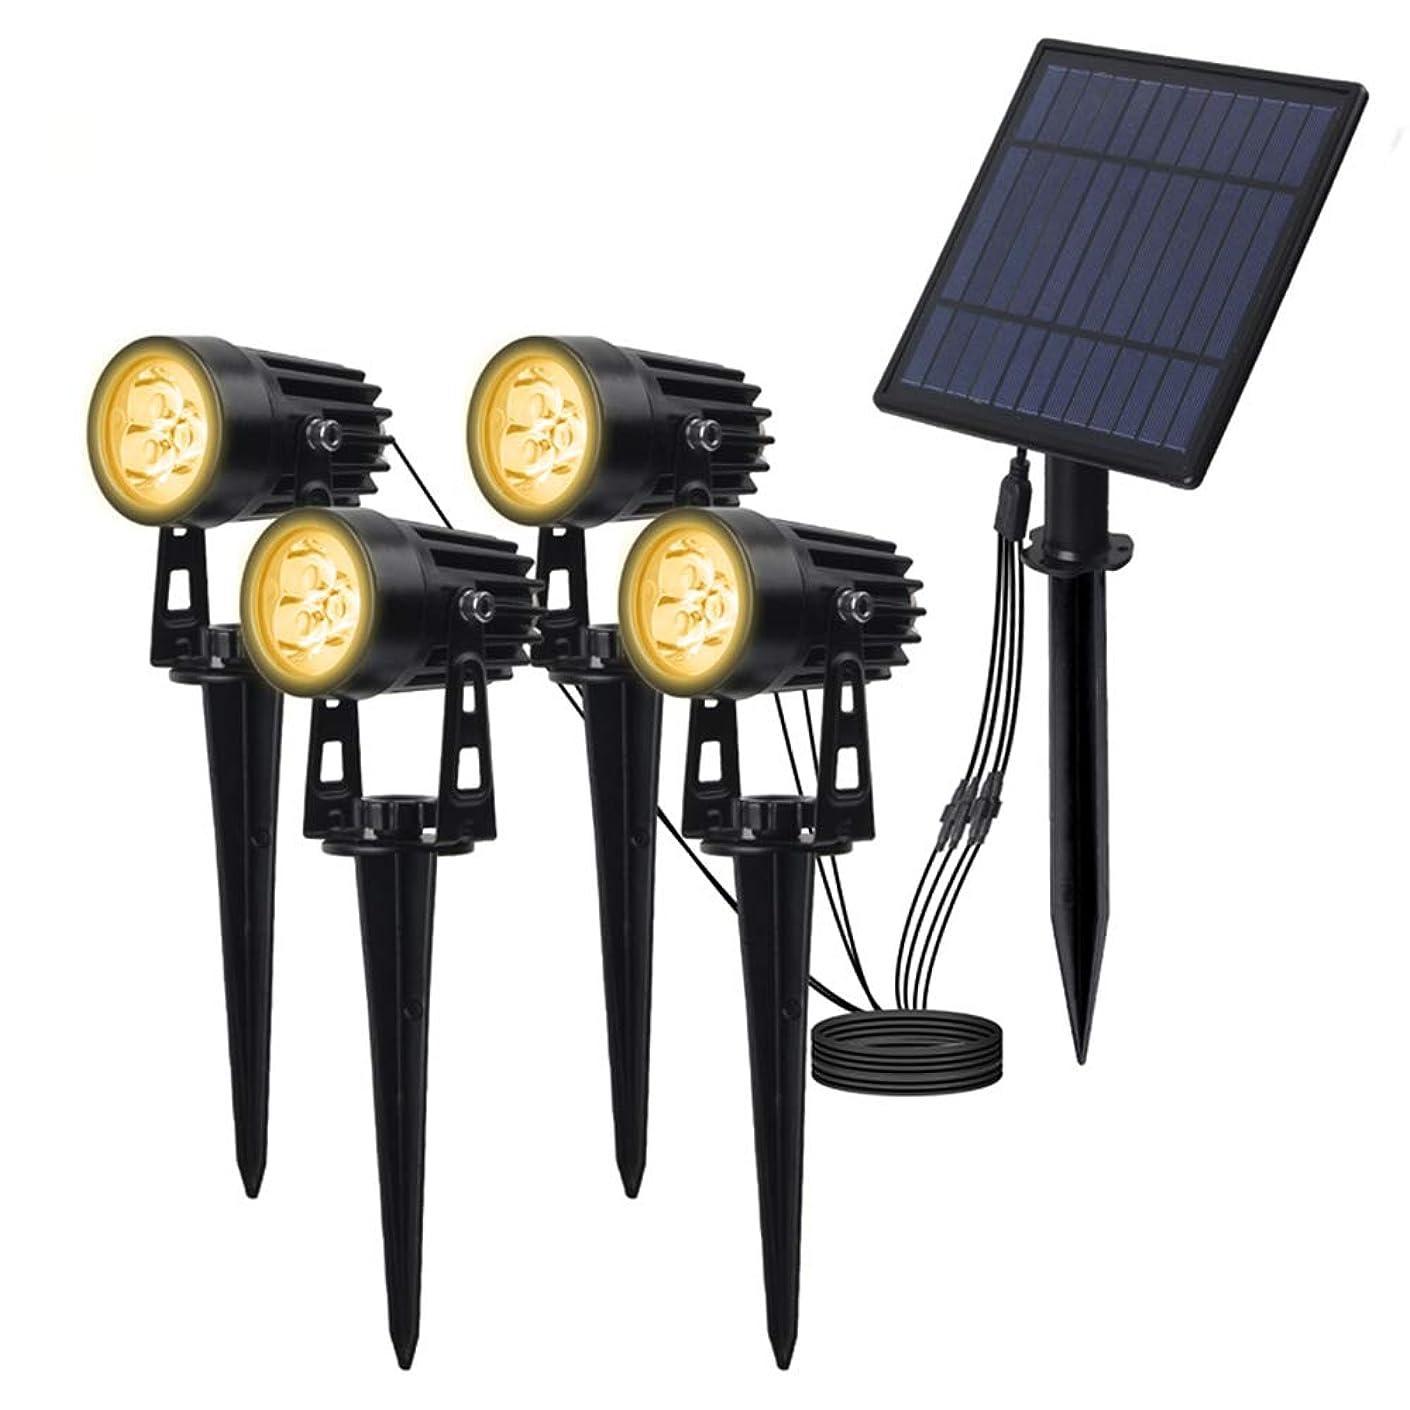 ライセンス仮定する強要ソーラーセンサーライト、LEDグランドライトプラグ、角度調節、IP65防水、1つの照明で4、芝生と庭パスの照明,Warm light